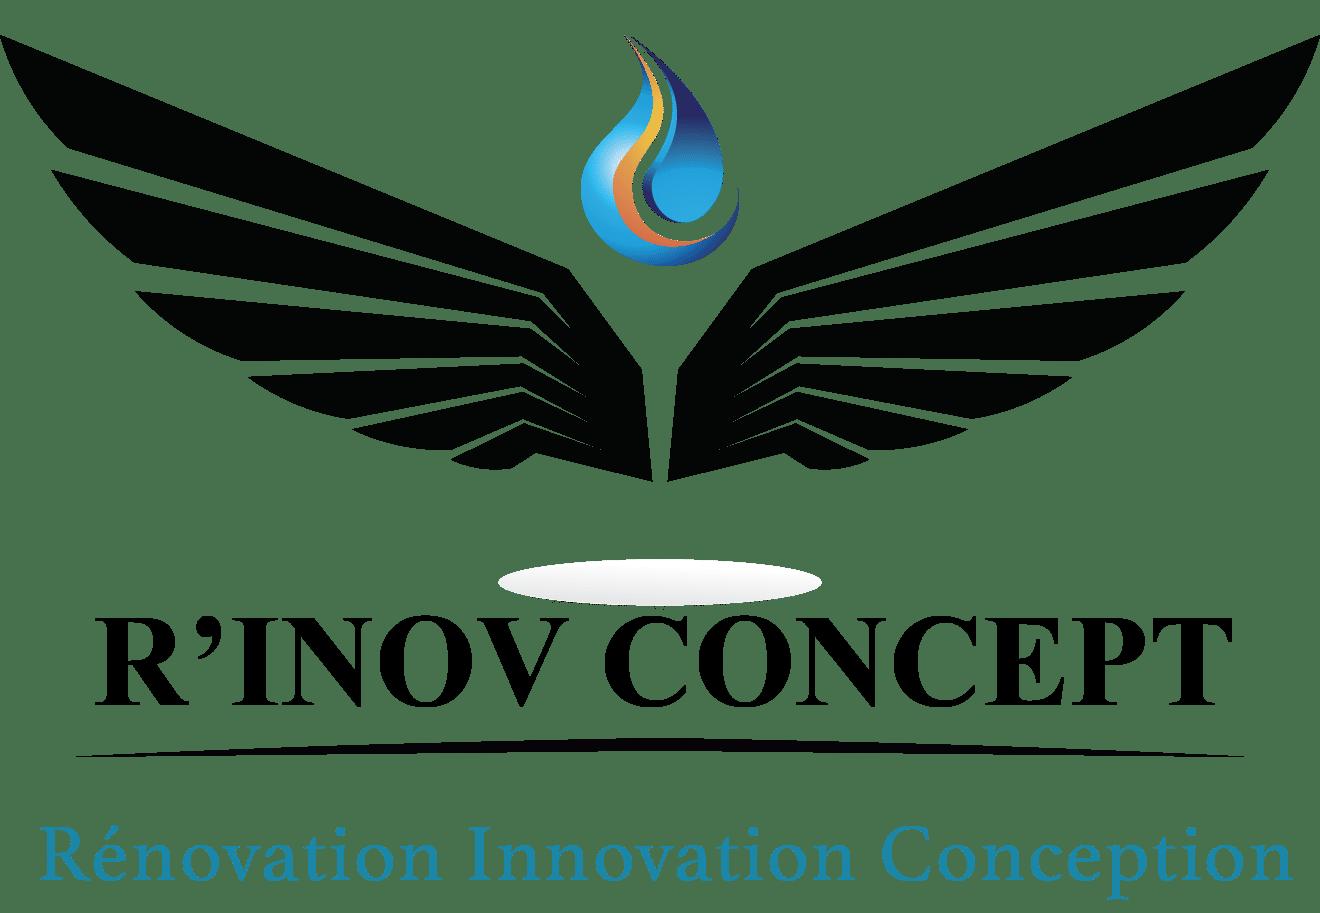 logo rinov concept transparent